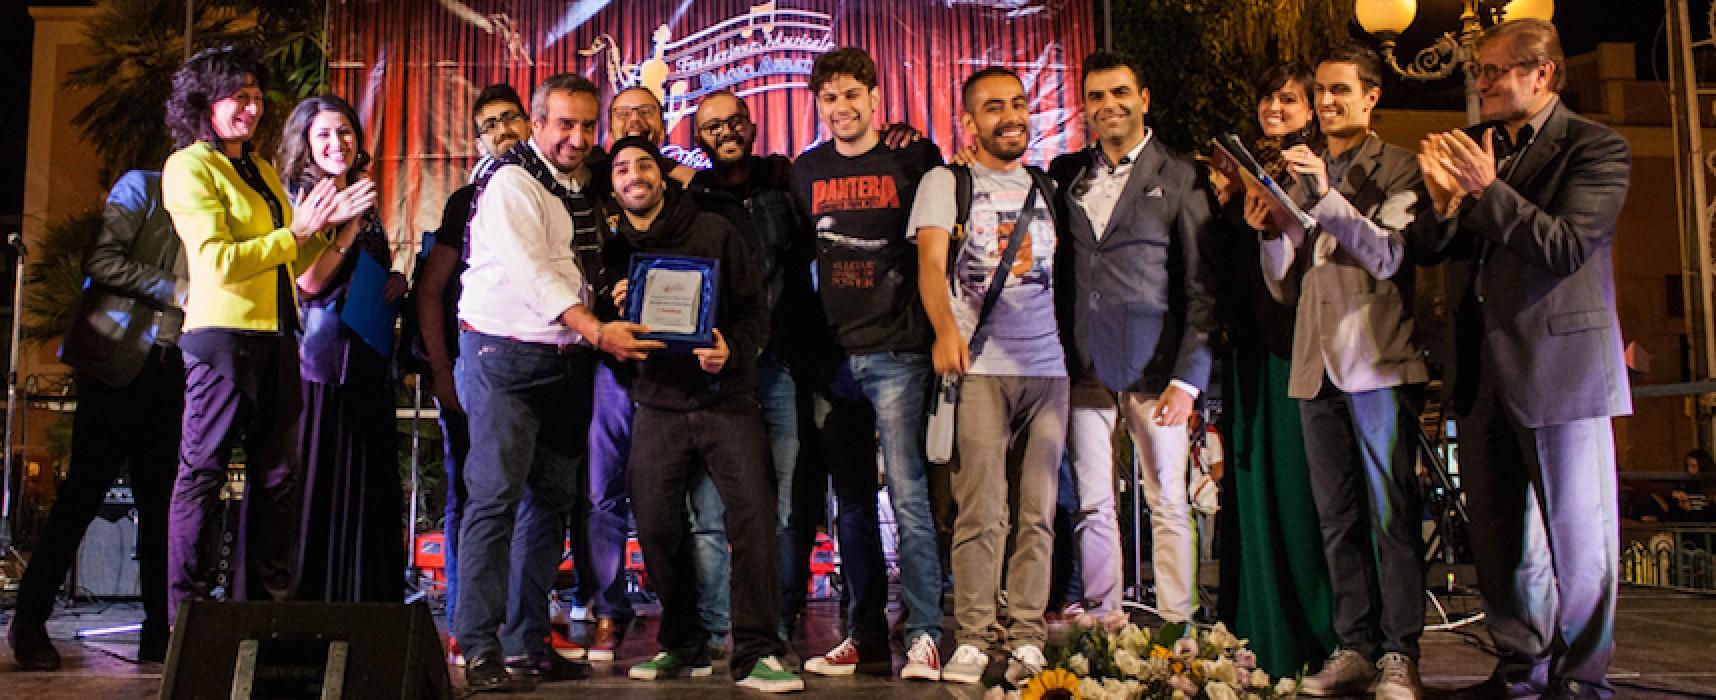 """Bisceglie Band Festival: trionfa la """"Pace Deleteria"""" dei Pan Island Project / FOTO"""